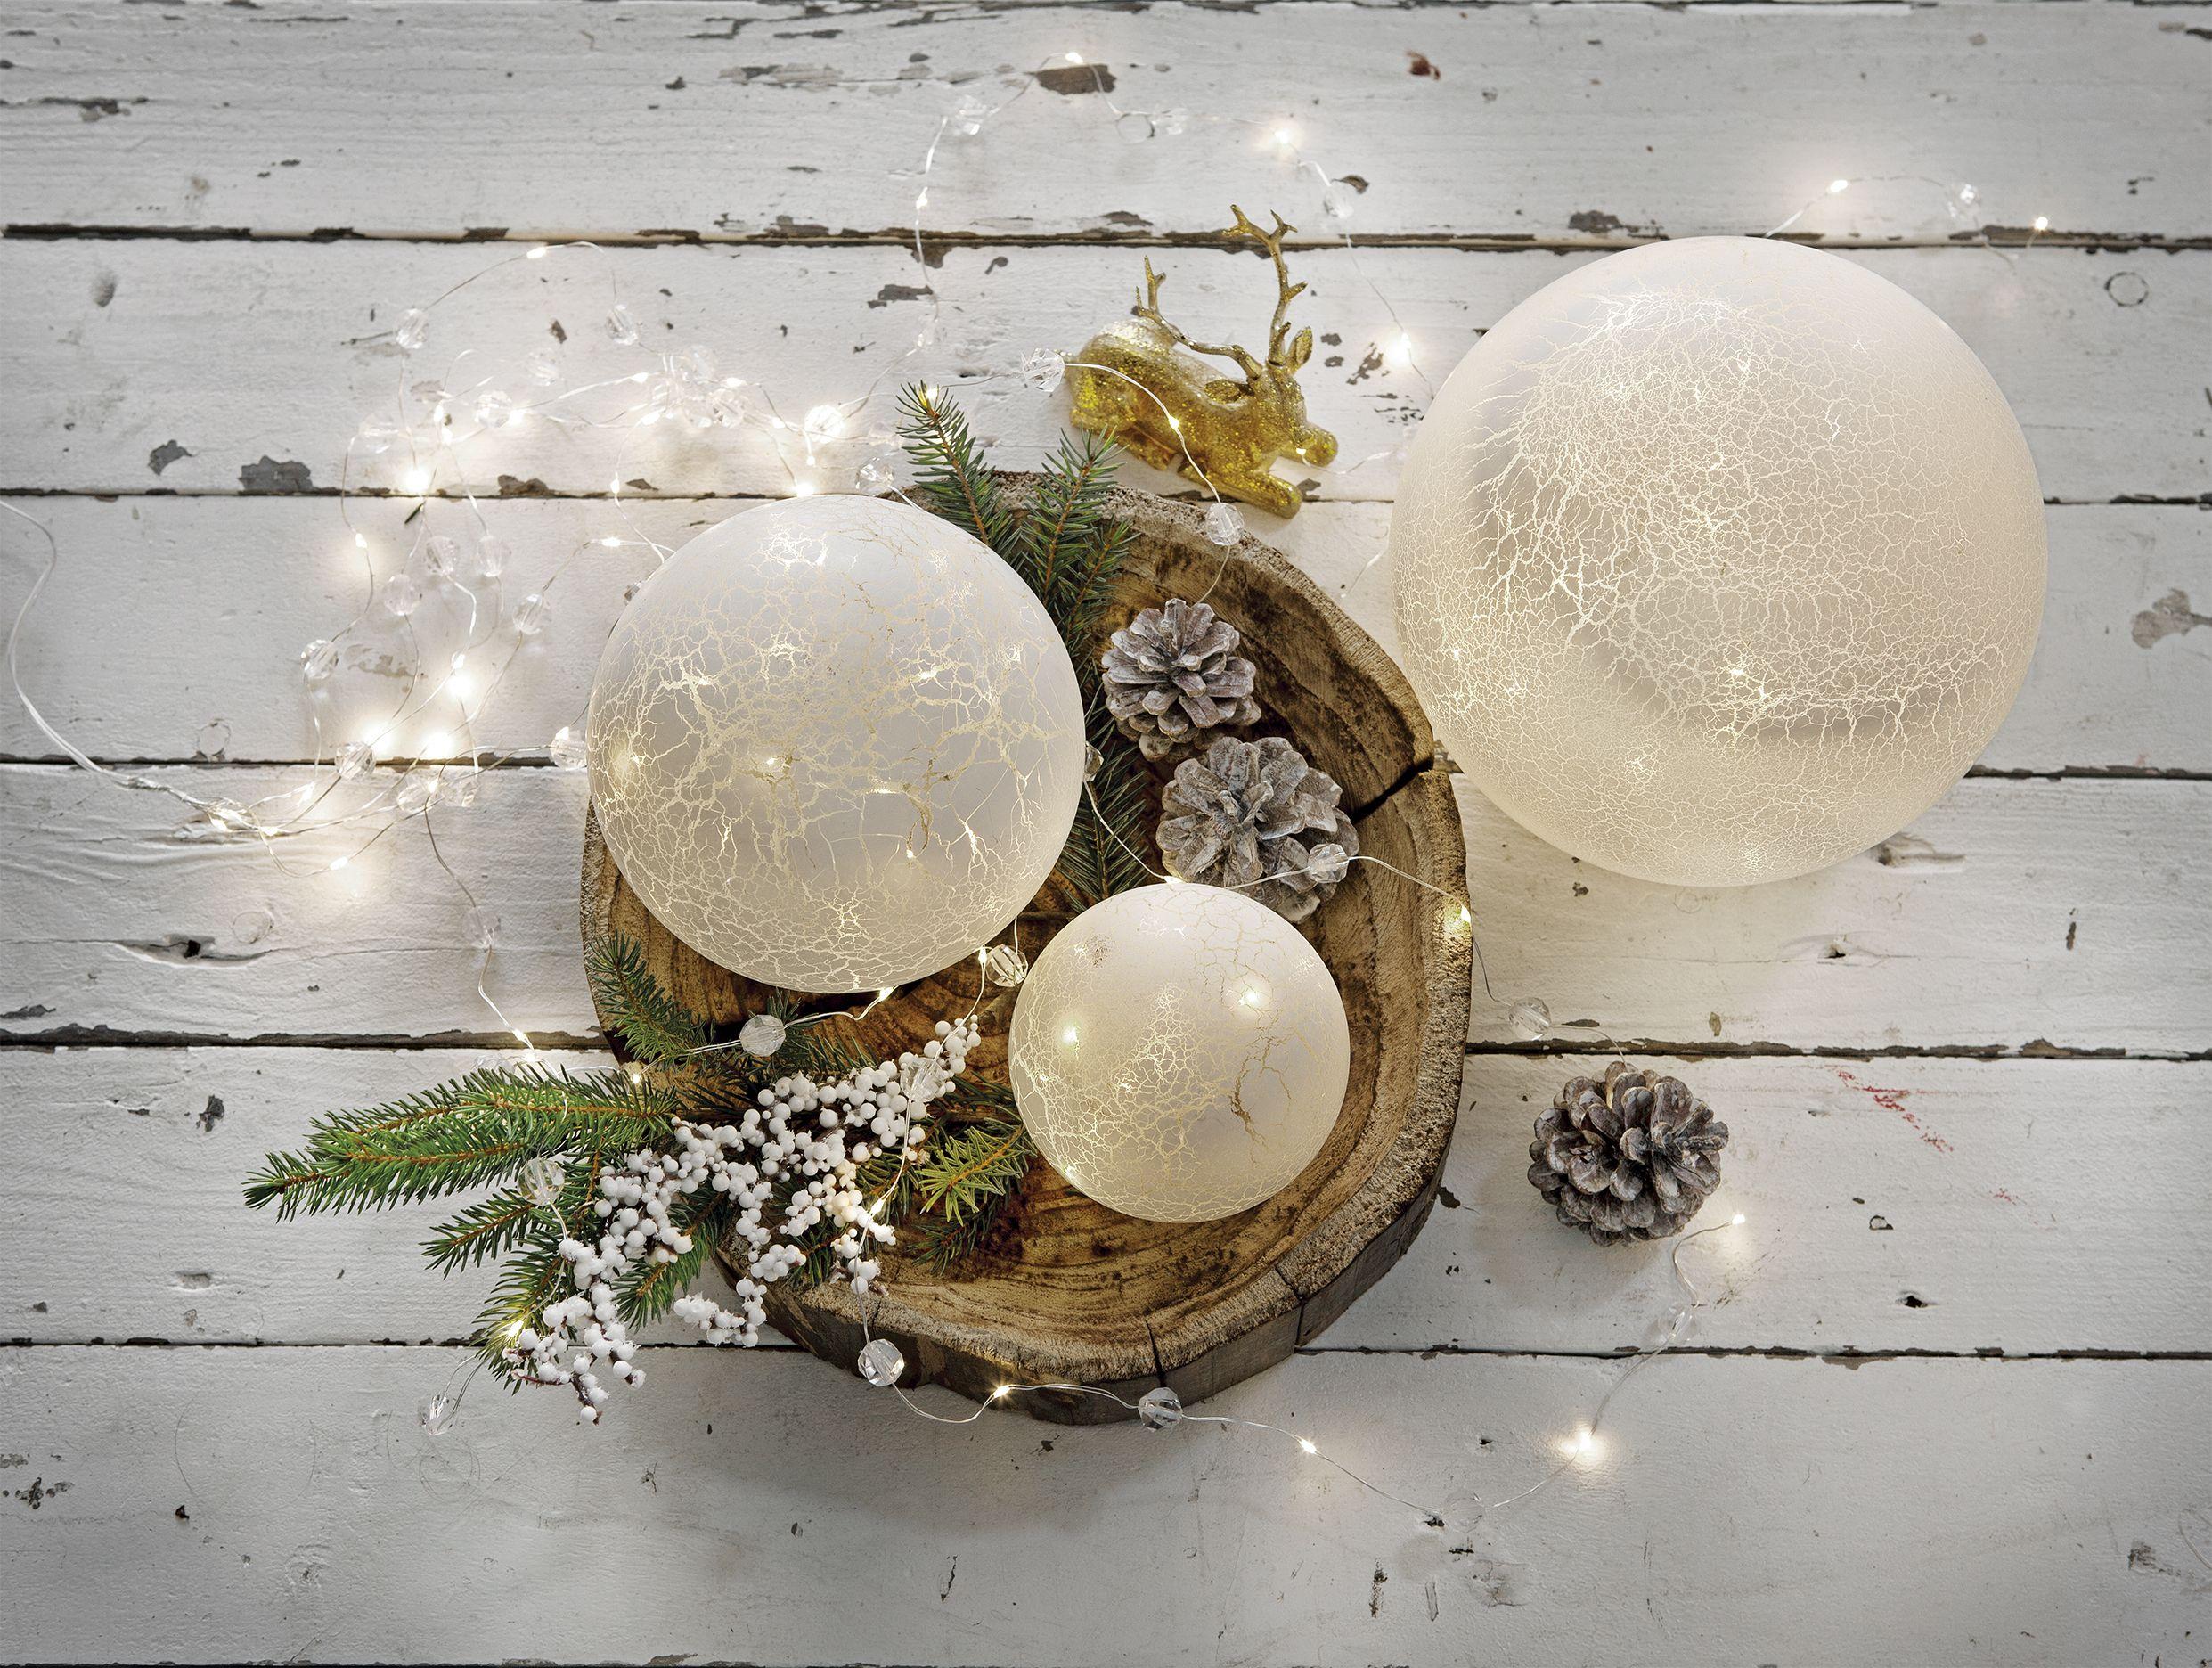 Feestdagen Natuurlijke Kerstdecoratie : Versier je plateau of dienblad met lichtbollen #kerst